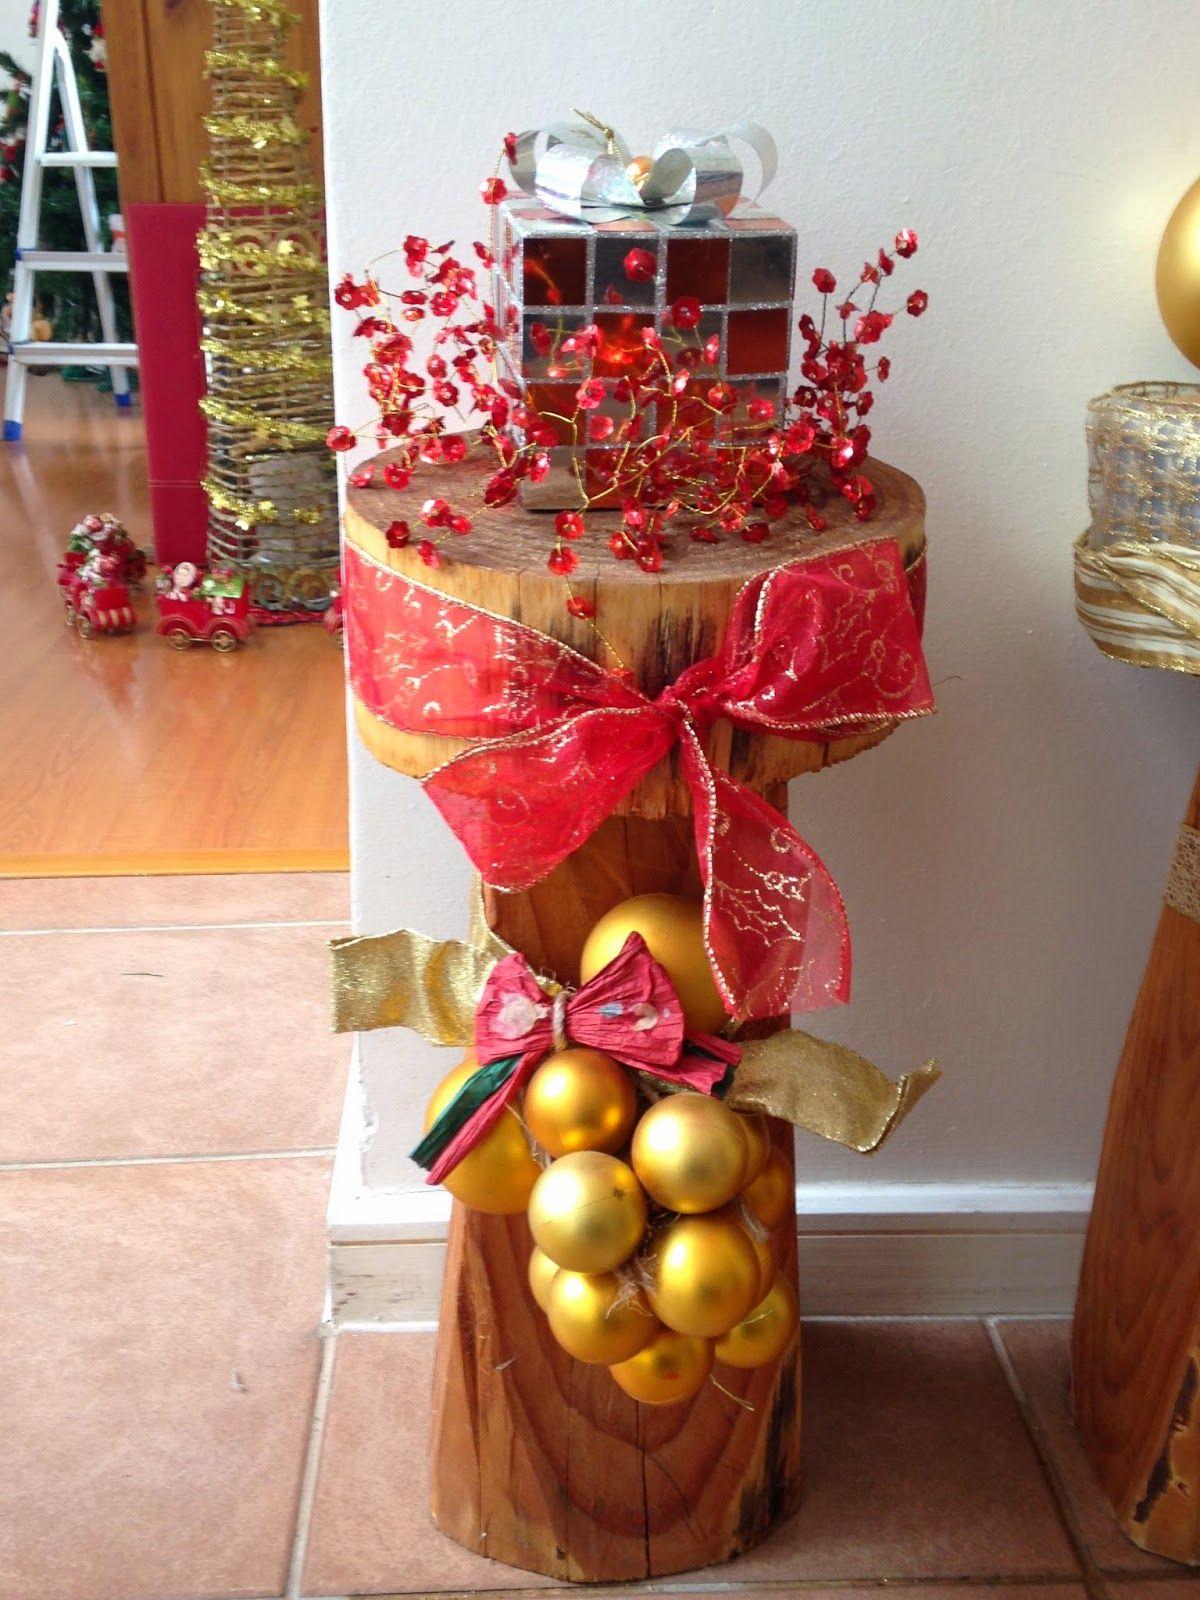 Diy decorando troncos navide os tronco navide o troncos y decorar tu casa - Adornos de navidad hechos en casa ...